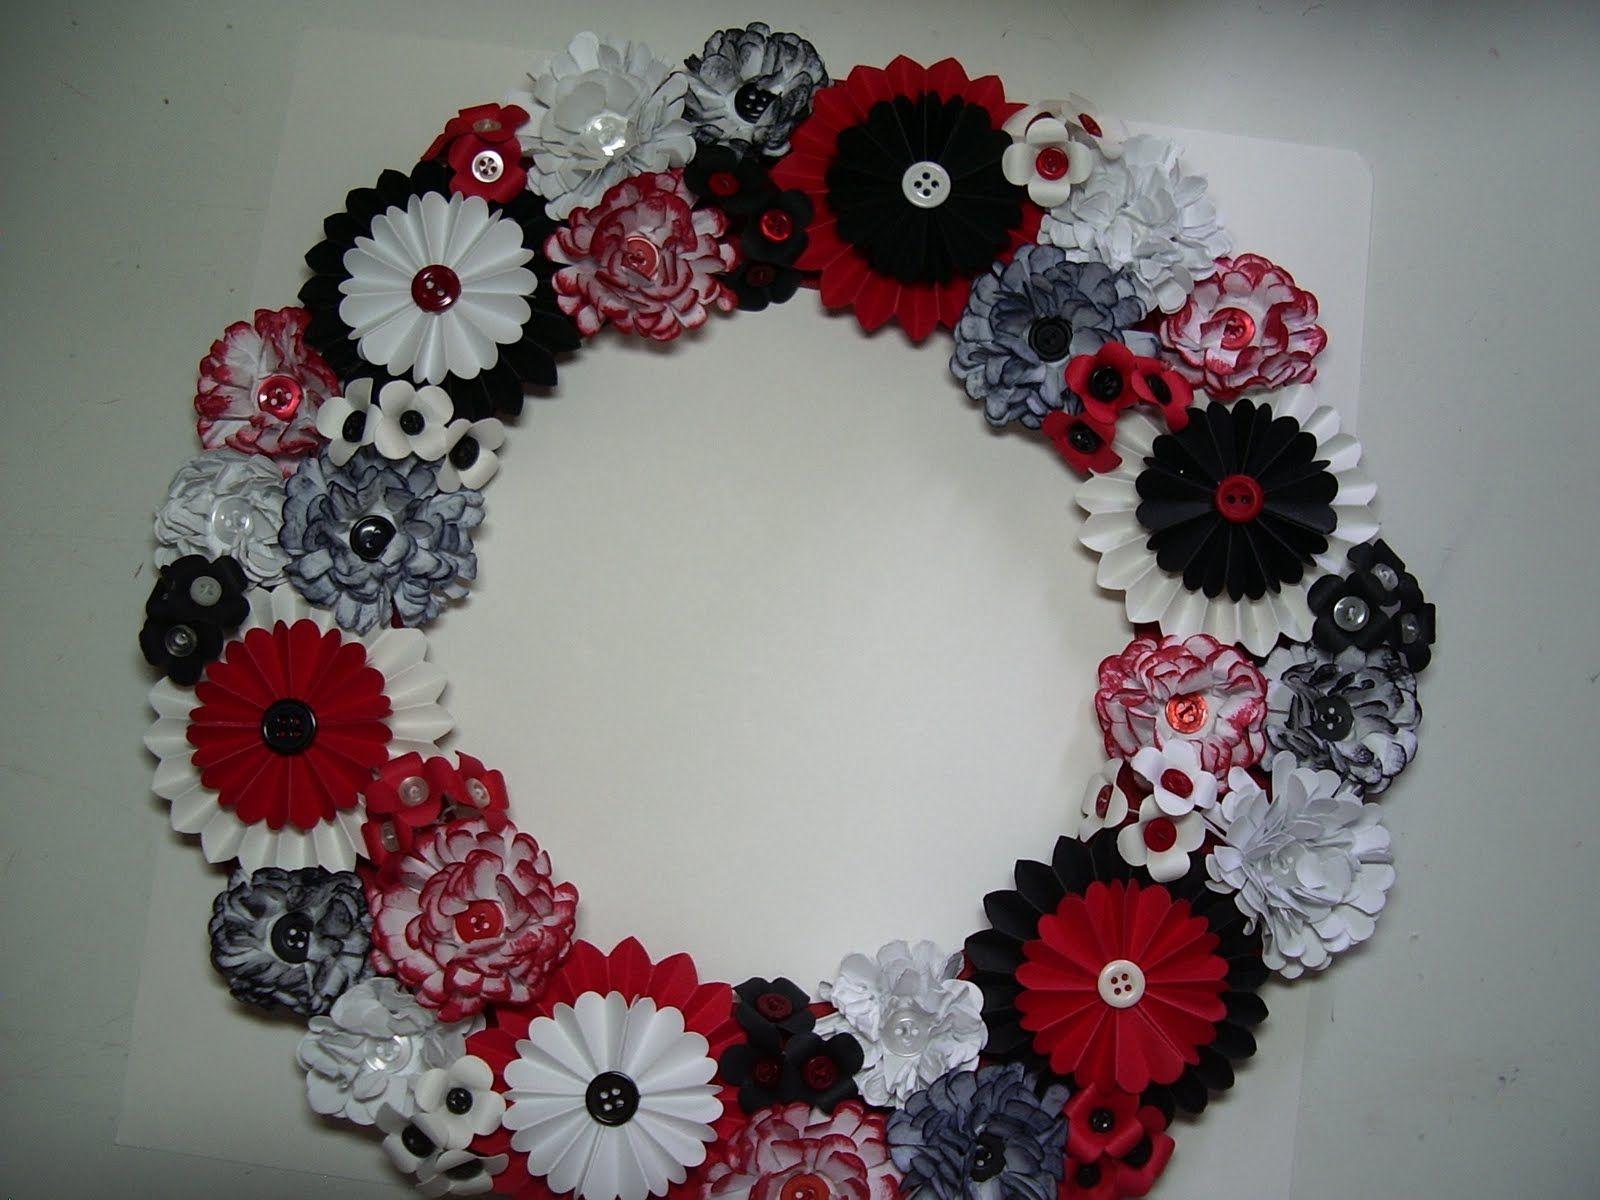 Flower Wreath Crafts Pinterest Paper Flower Wreaths Wreaths